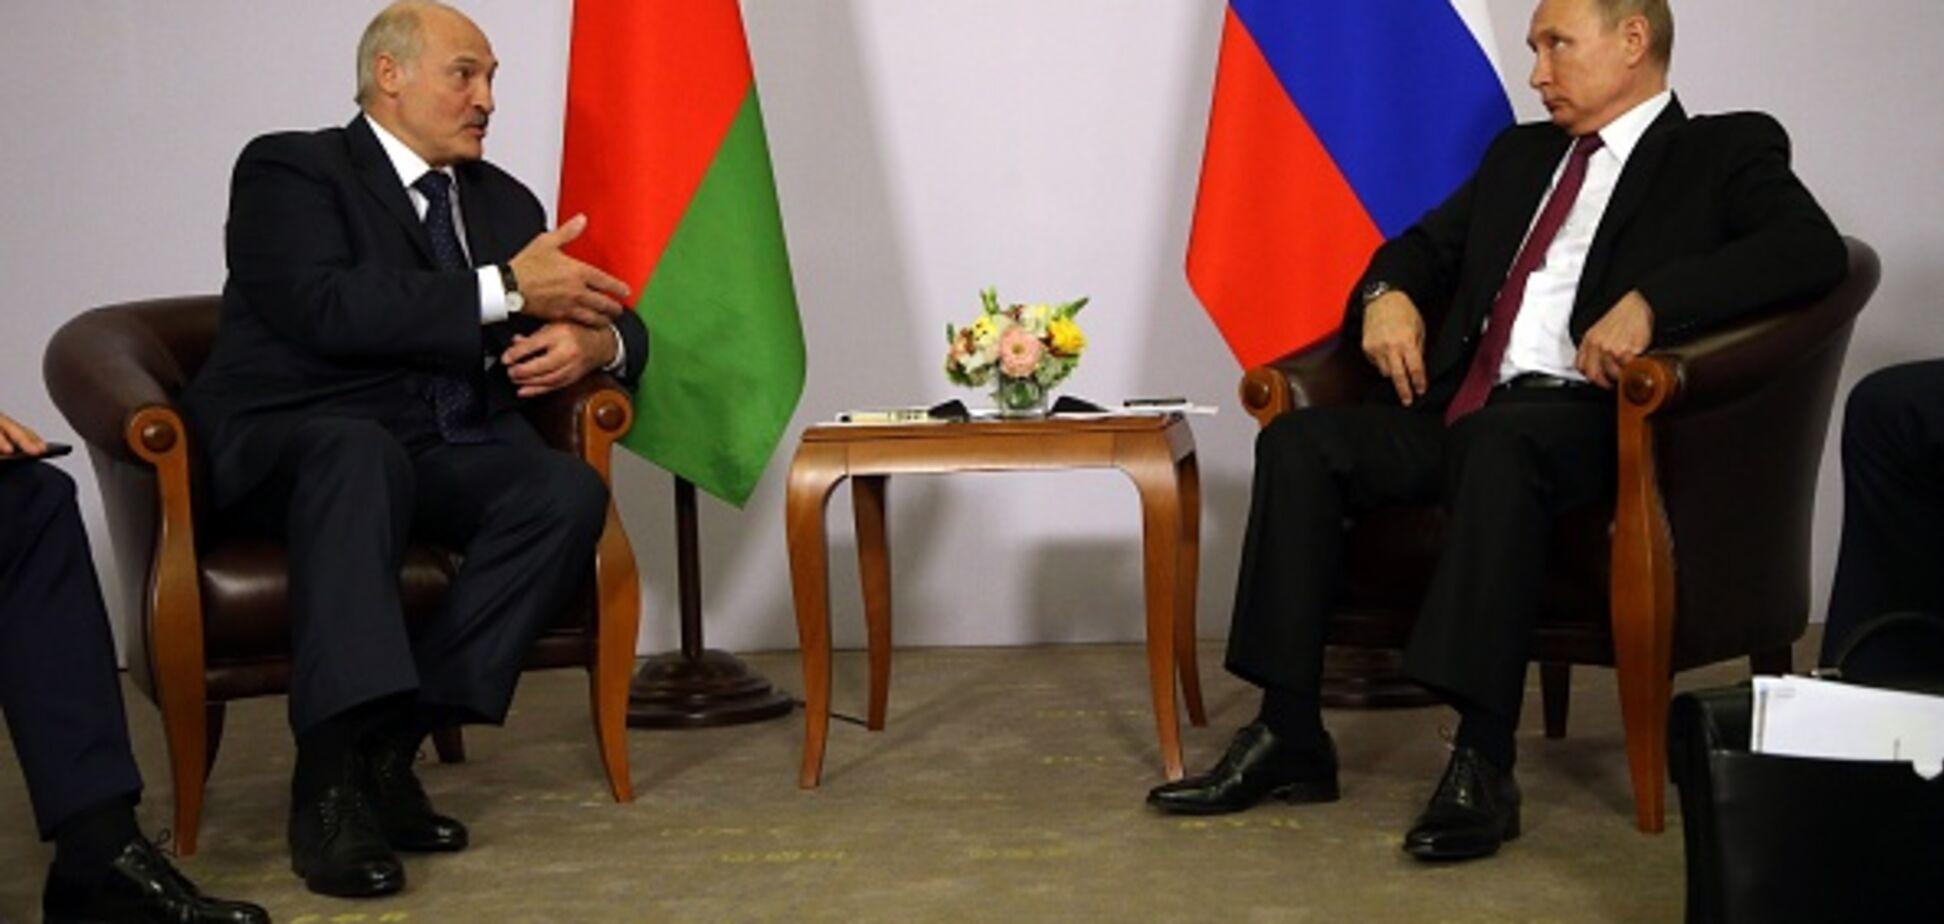 Плани Росії на Білорусь турбують - заступник міністра закордонних справ